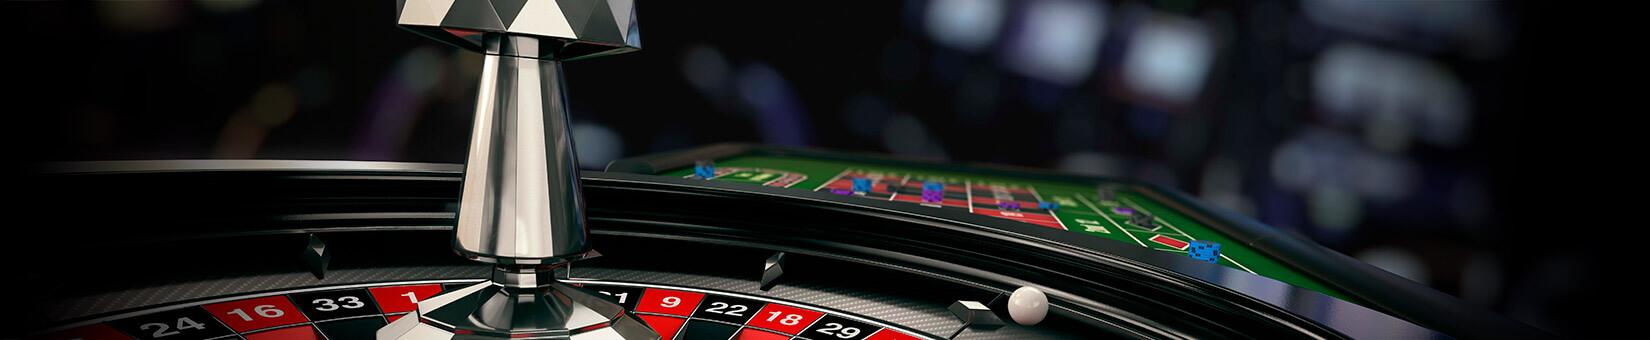 Casino de-362354